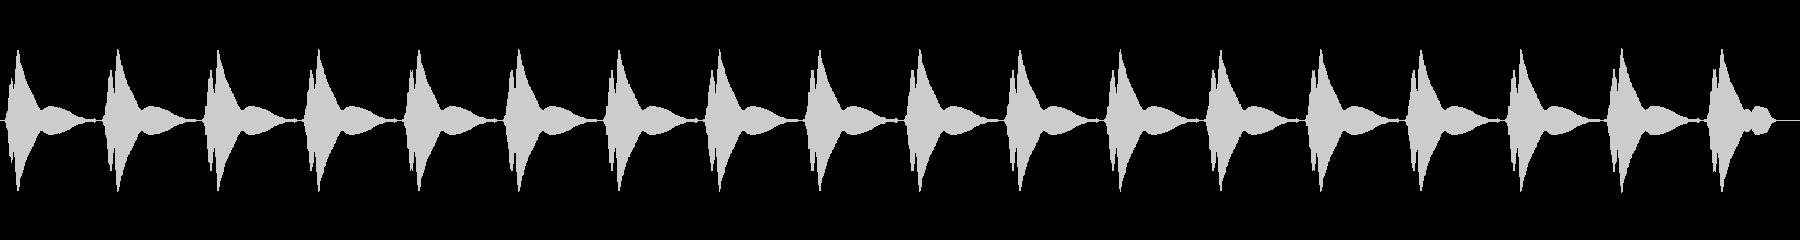 コミカル_焦り_ピヨピヨの未再生の波形